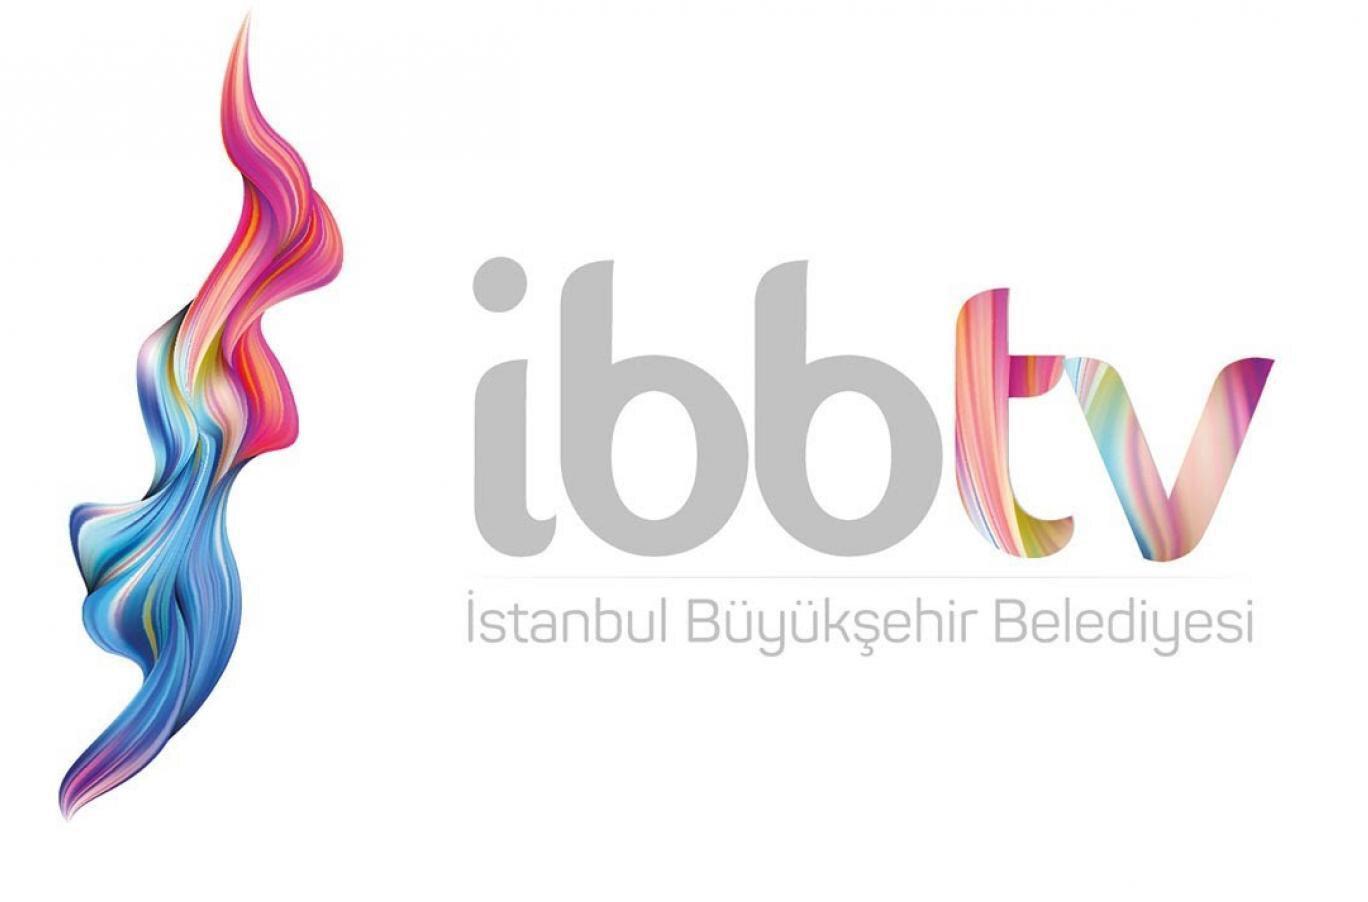 İBB TV'nin logosunun yerine yerleştirilen logo.